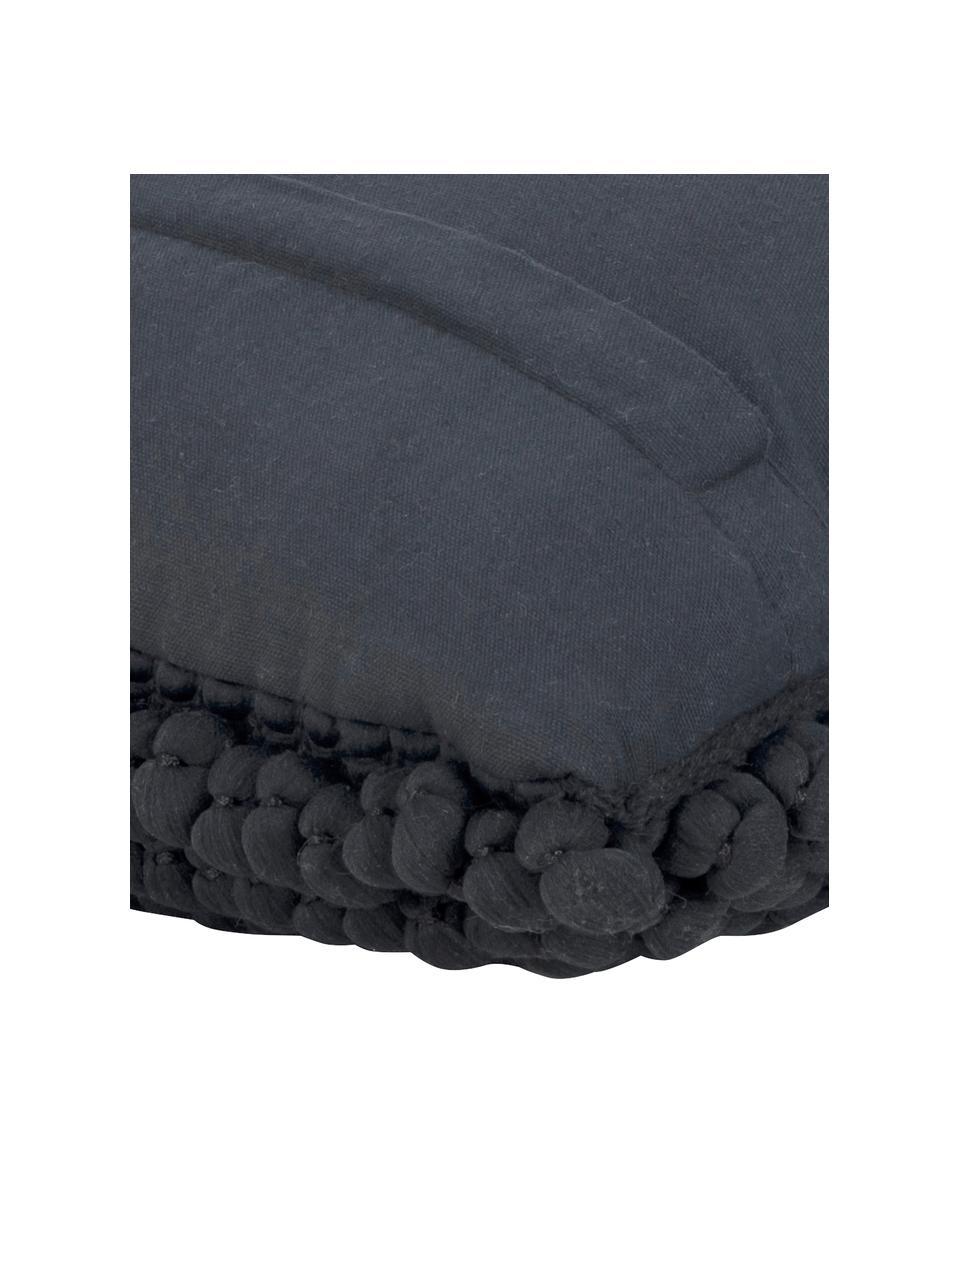 Poszewka na poduszkę z widoczną strukturą Iona, Czarny, S 45 x D 45 cm